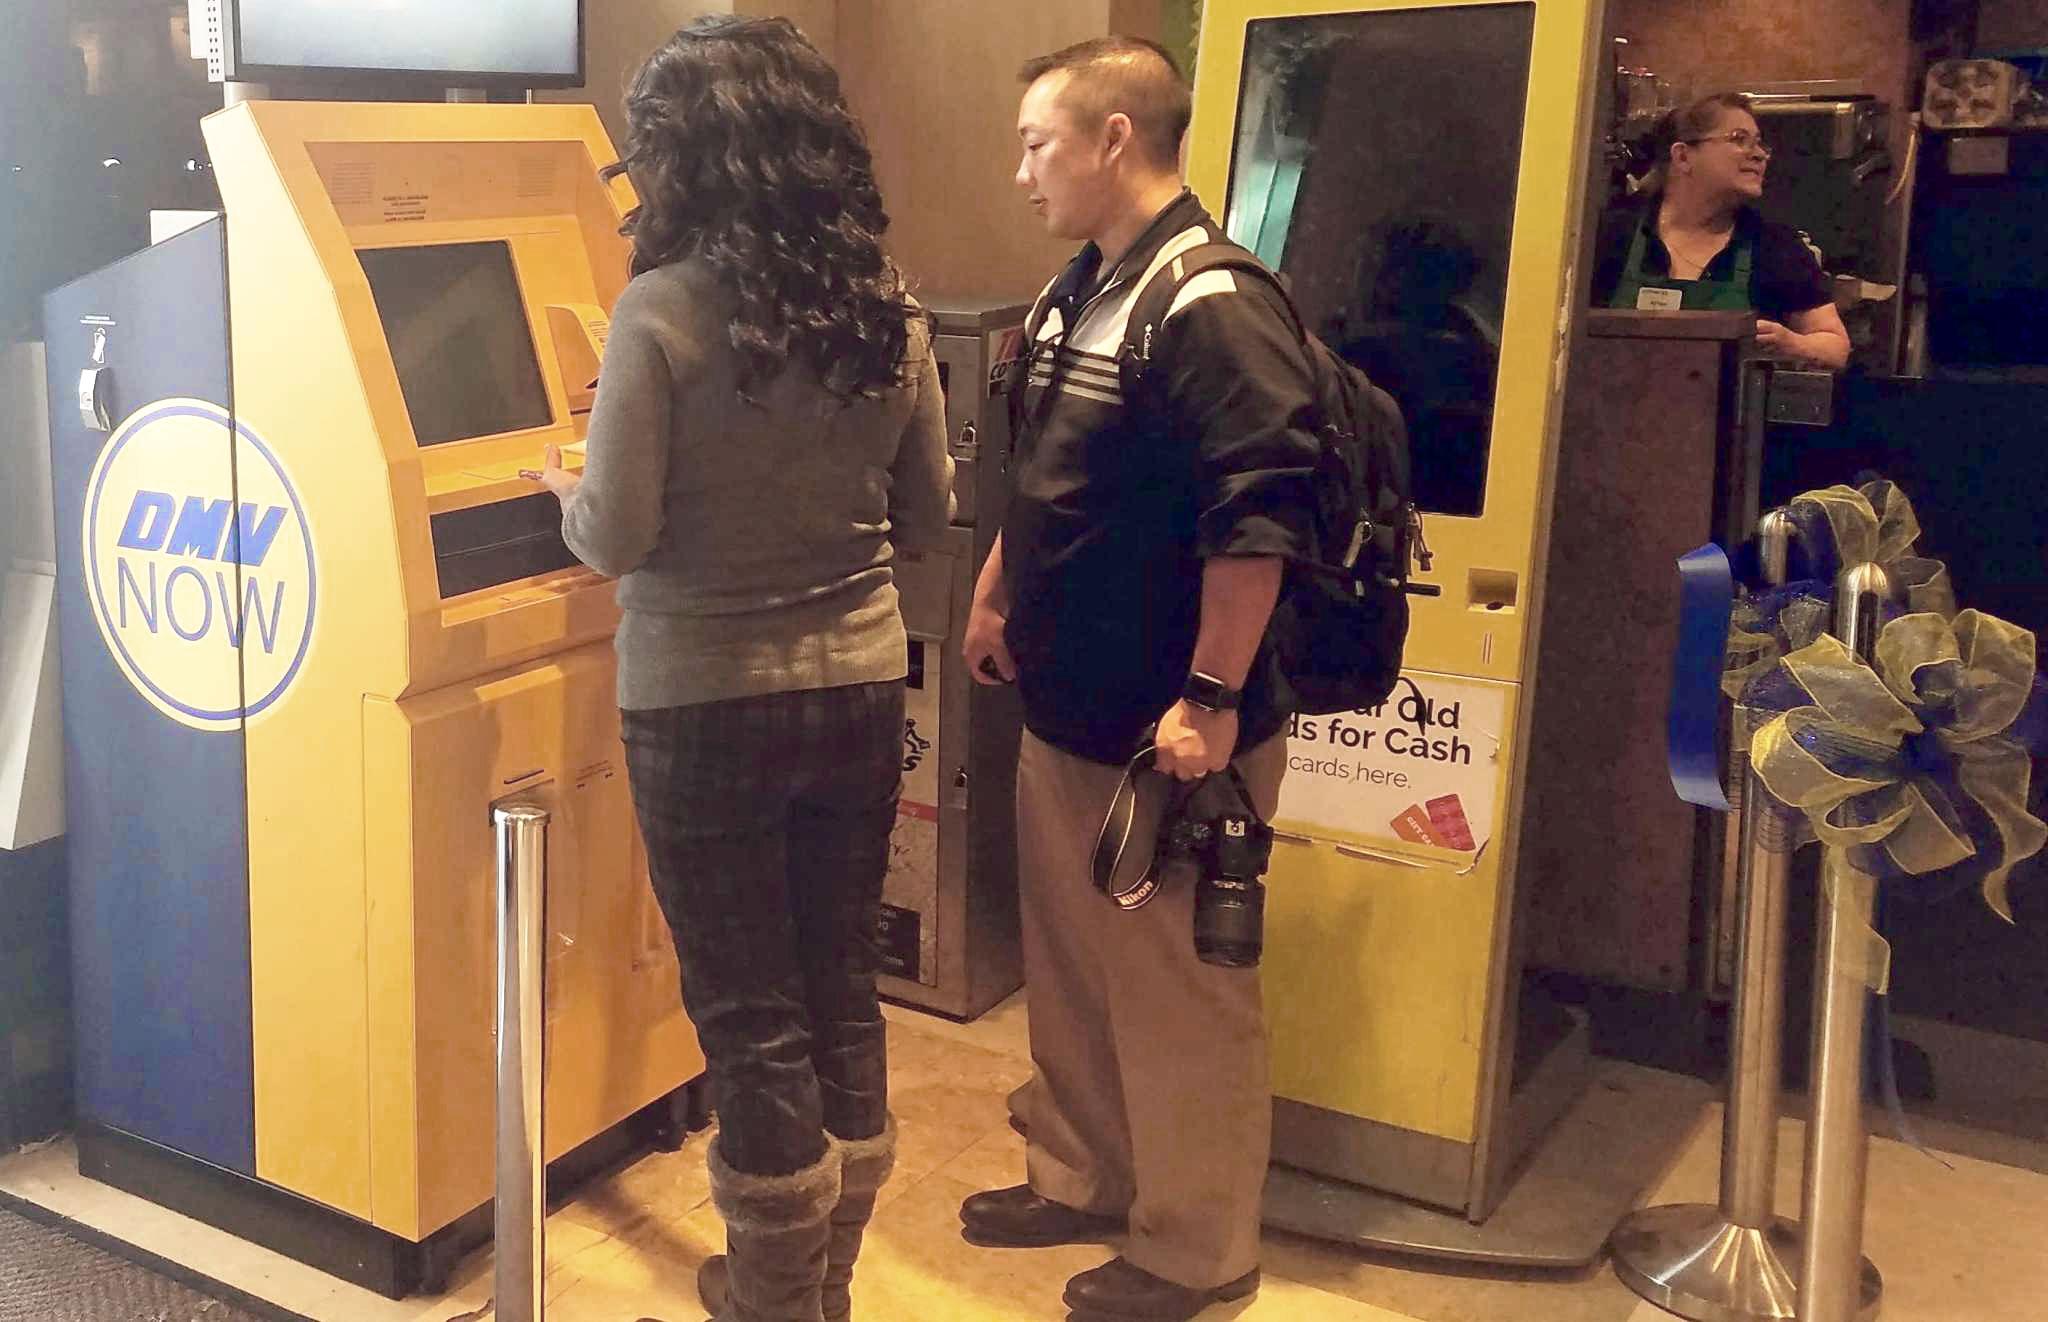 DMV self-serve kiosk debuts at Safeway – SFBay